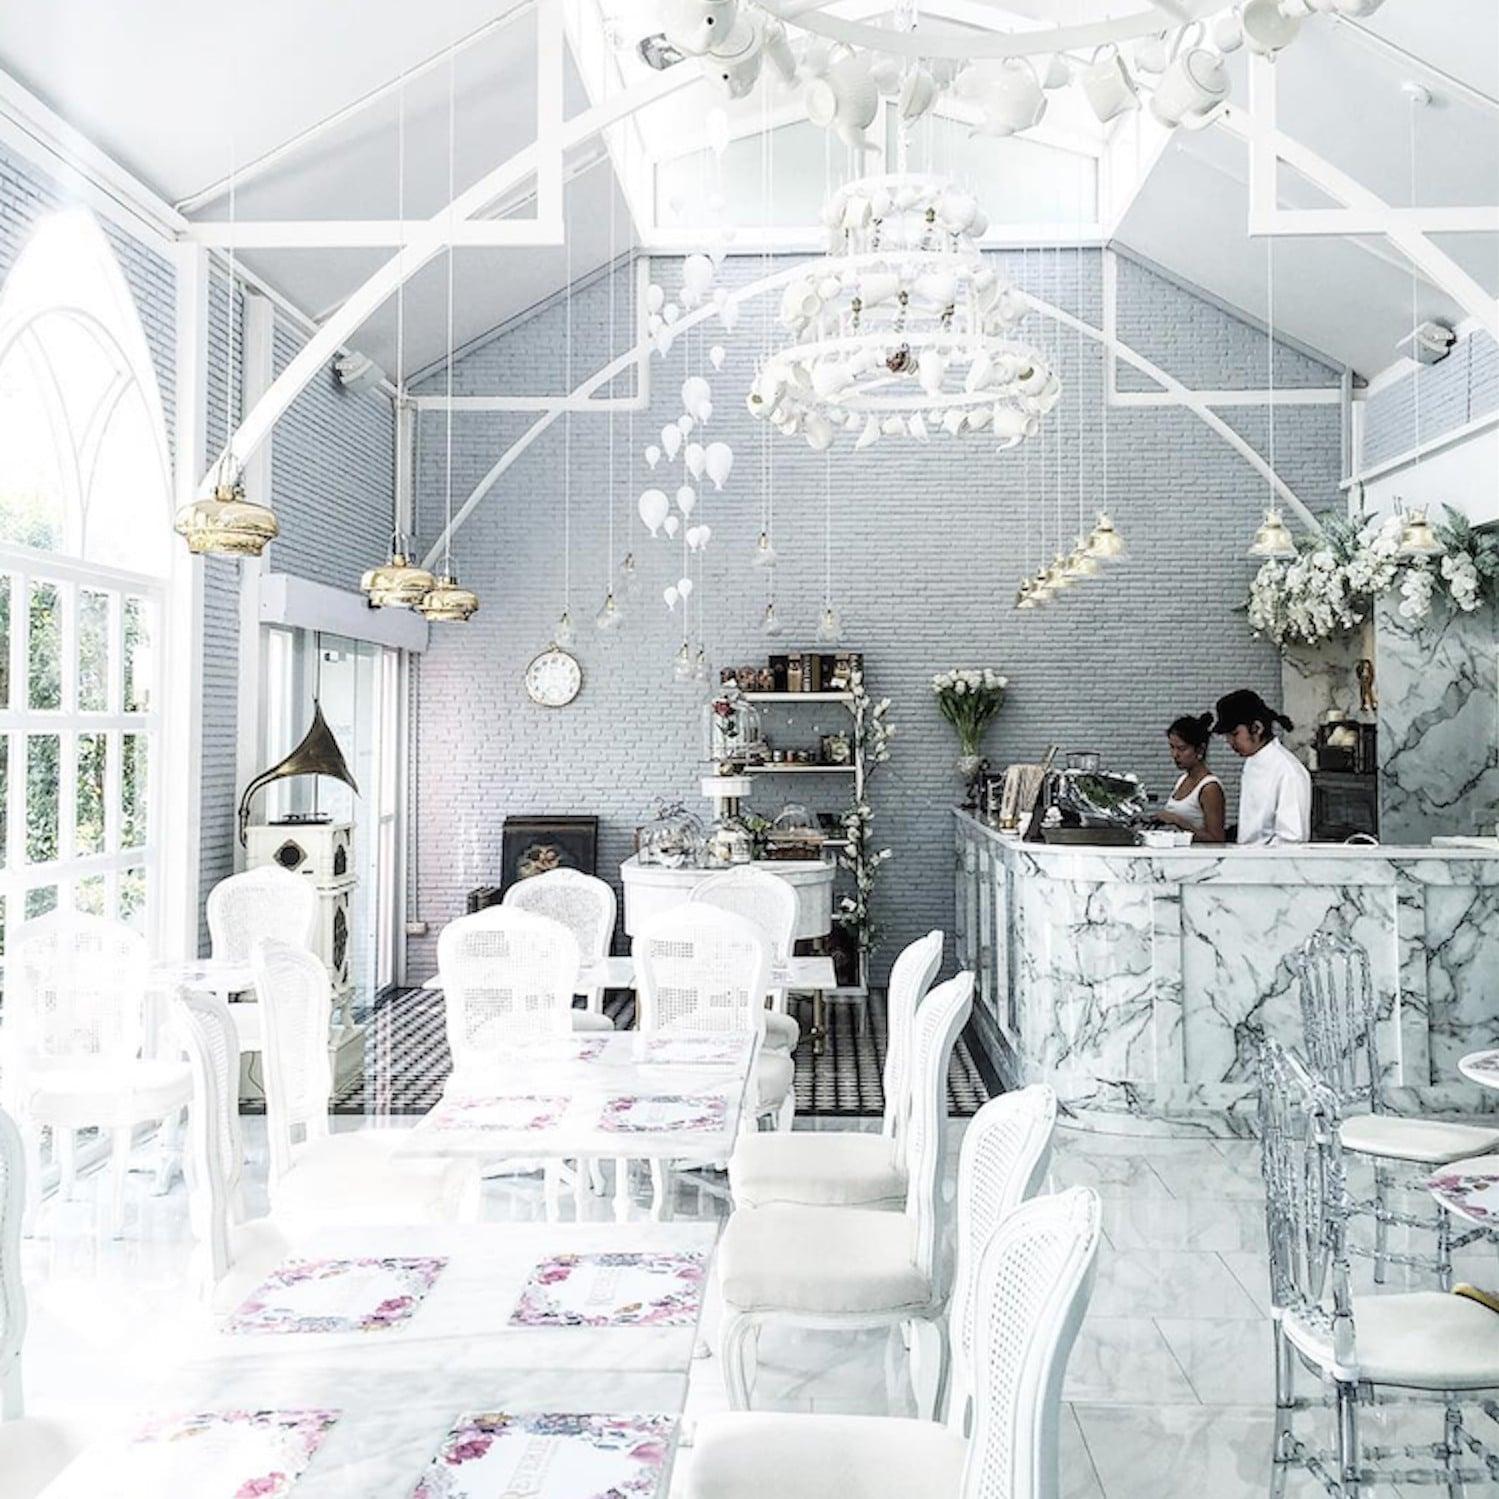 cafe reverie in thailand | popsugar smart living